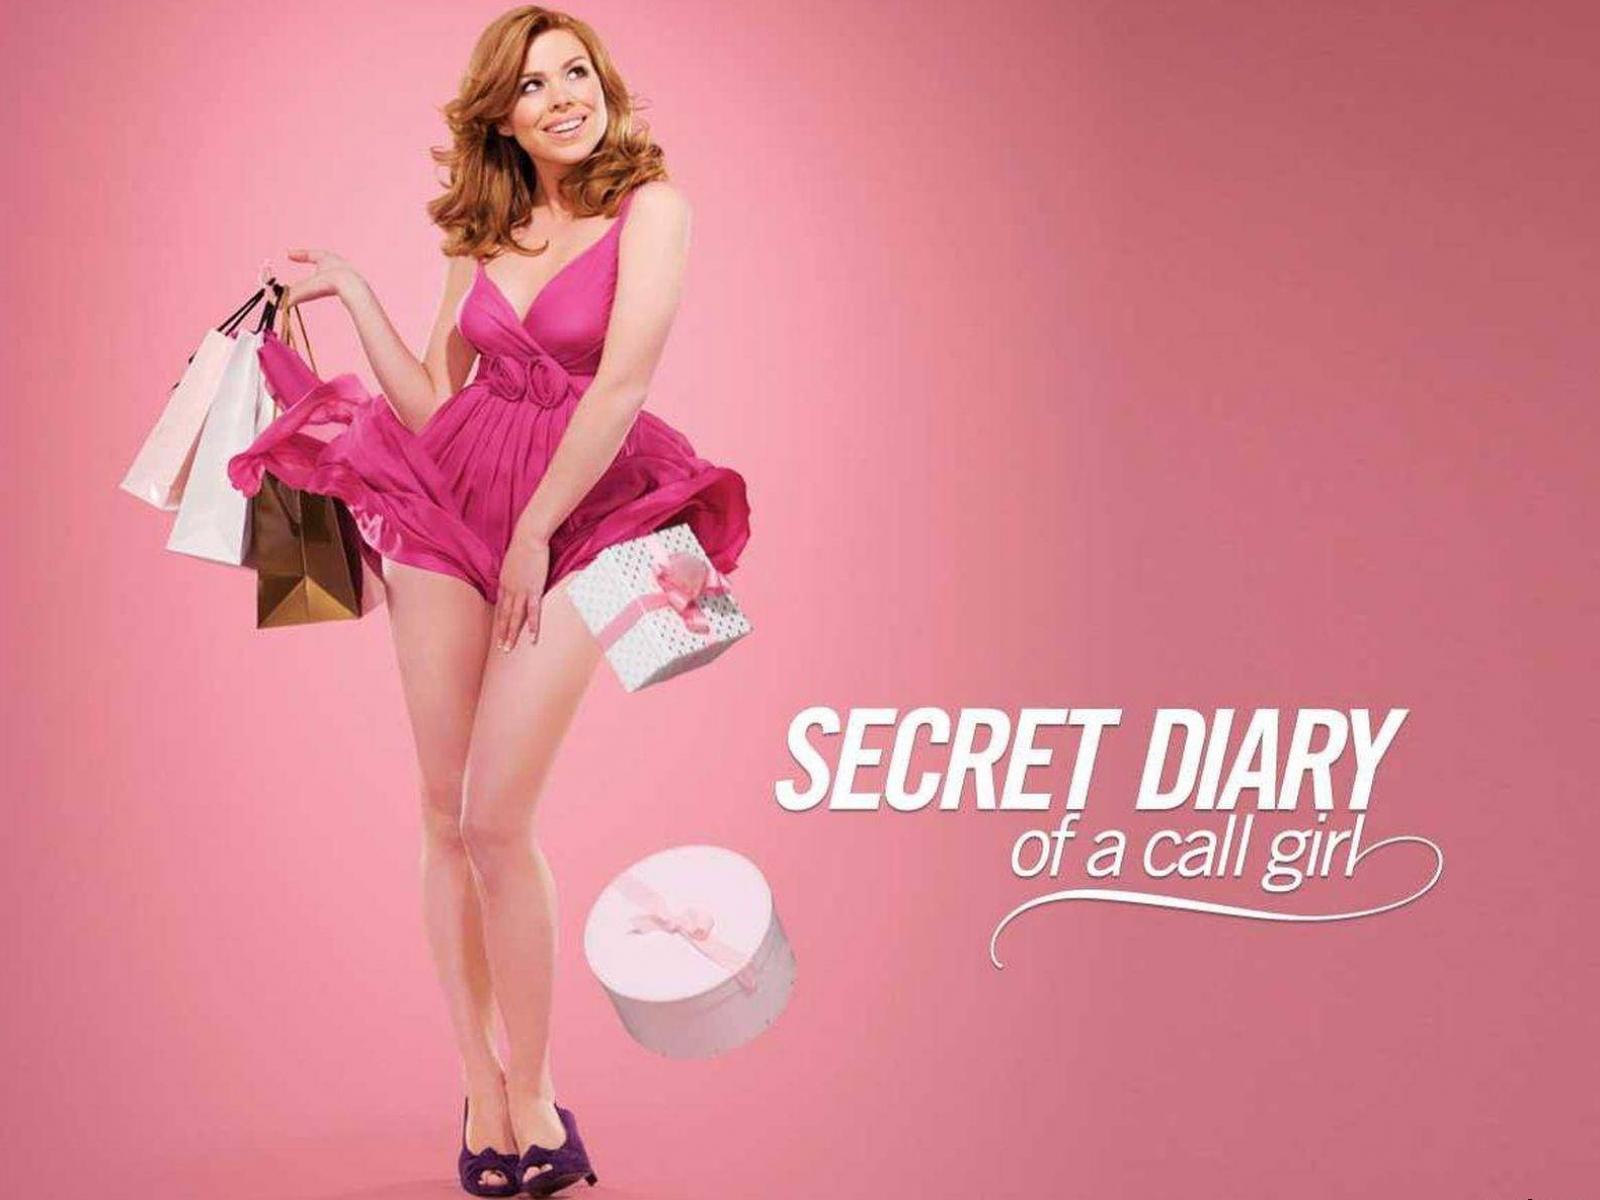 Тайный дневник девушки по вызову смотреть 11 фотография